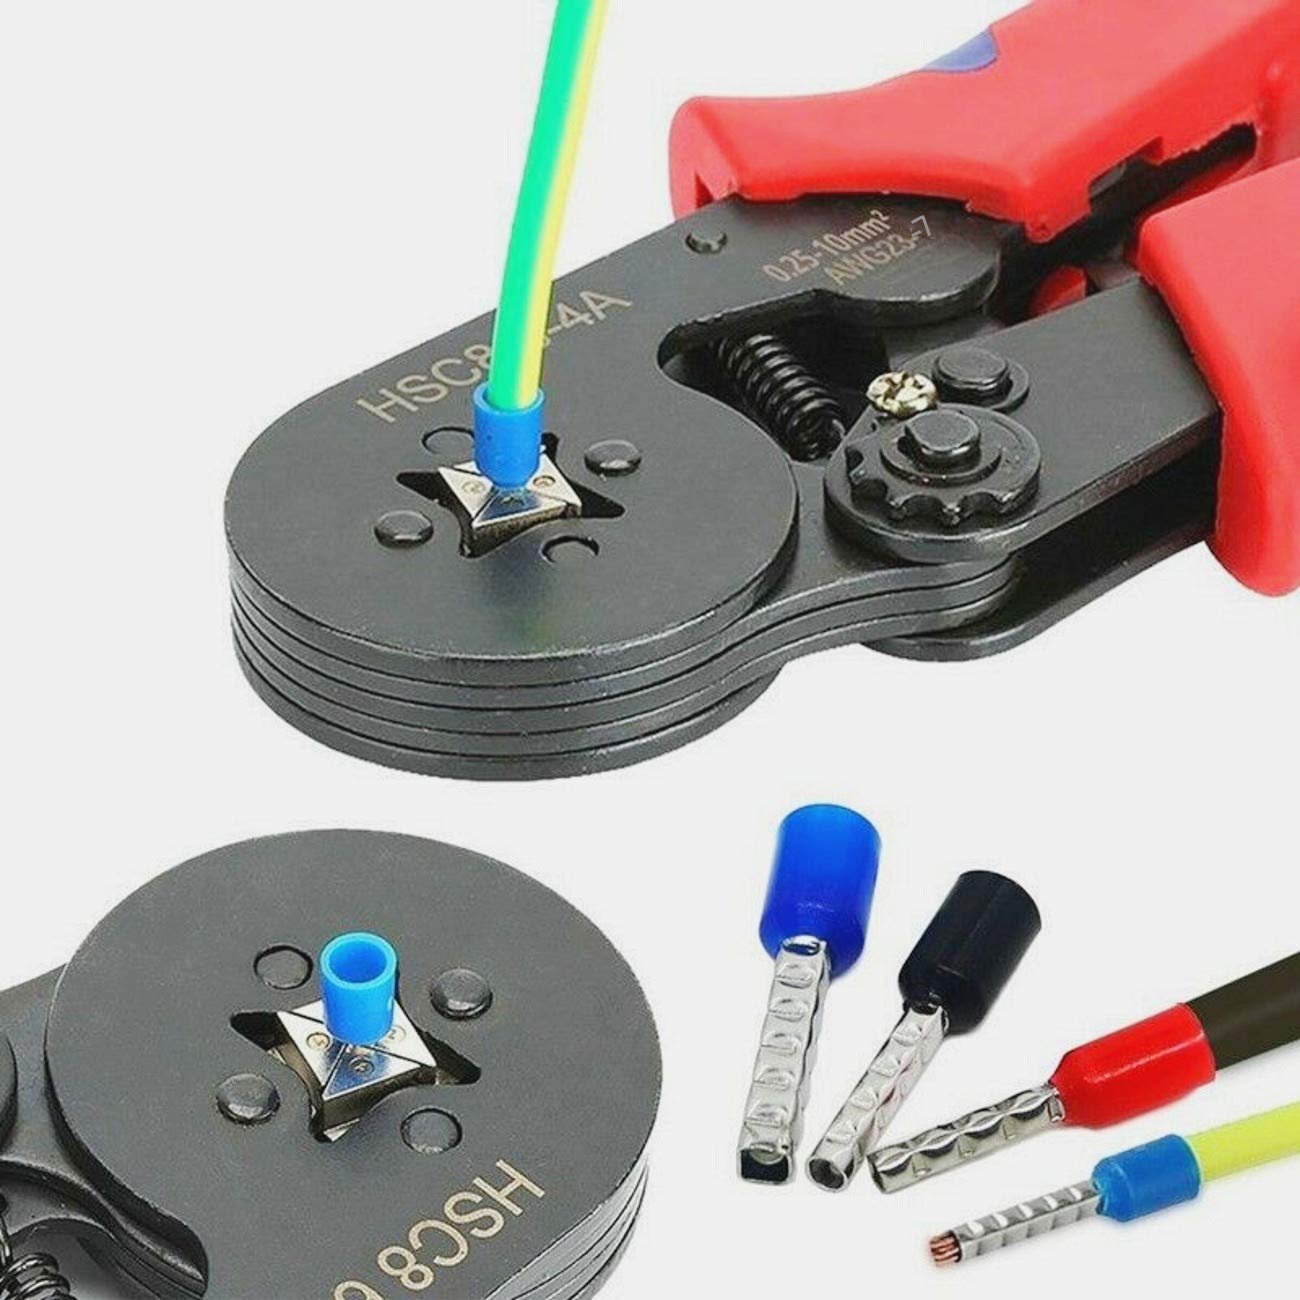 JZK Ensemble 800 virole de bootlace connecteur /à sertir cordon isol/é /épingle embouts terminaux trousse Assortiment de 0.5 mm/² ~ 6 mm/² pour projets /électriques avec bo/îte de rangement